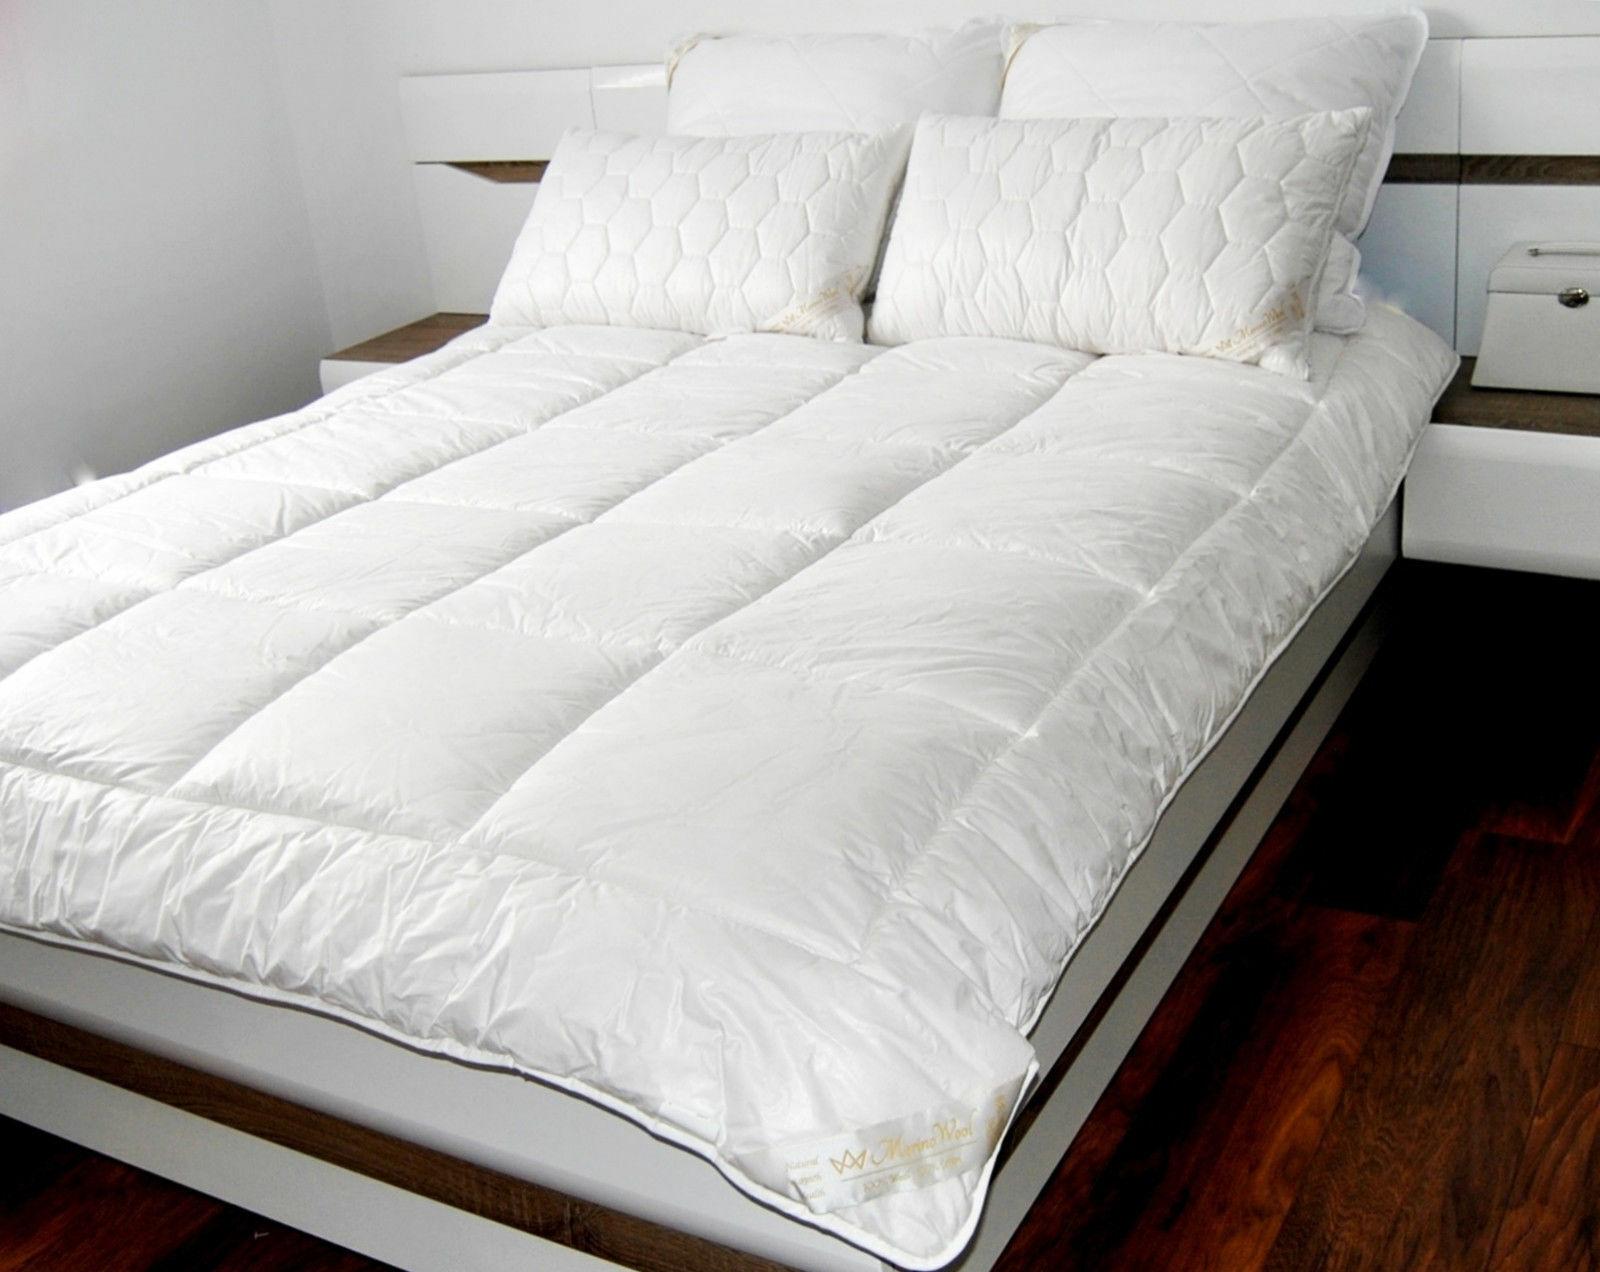 Ensemble Laine Mérinos Couette 140 200cm 8tog 500gsm+ Single Bed Surmatelas 90 200cm